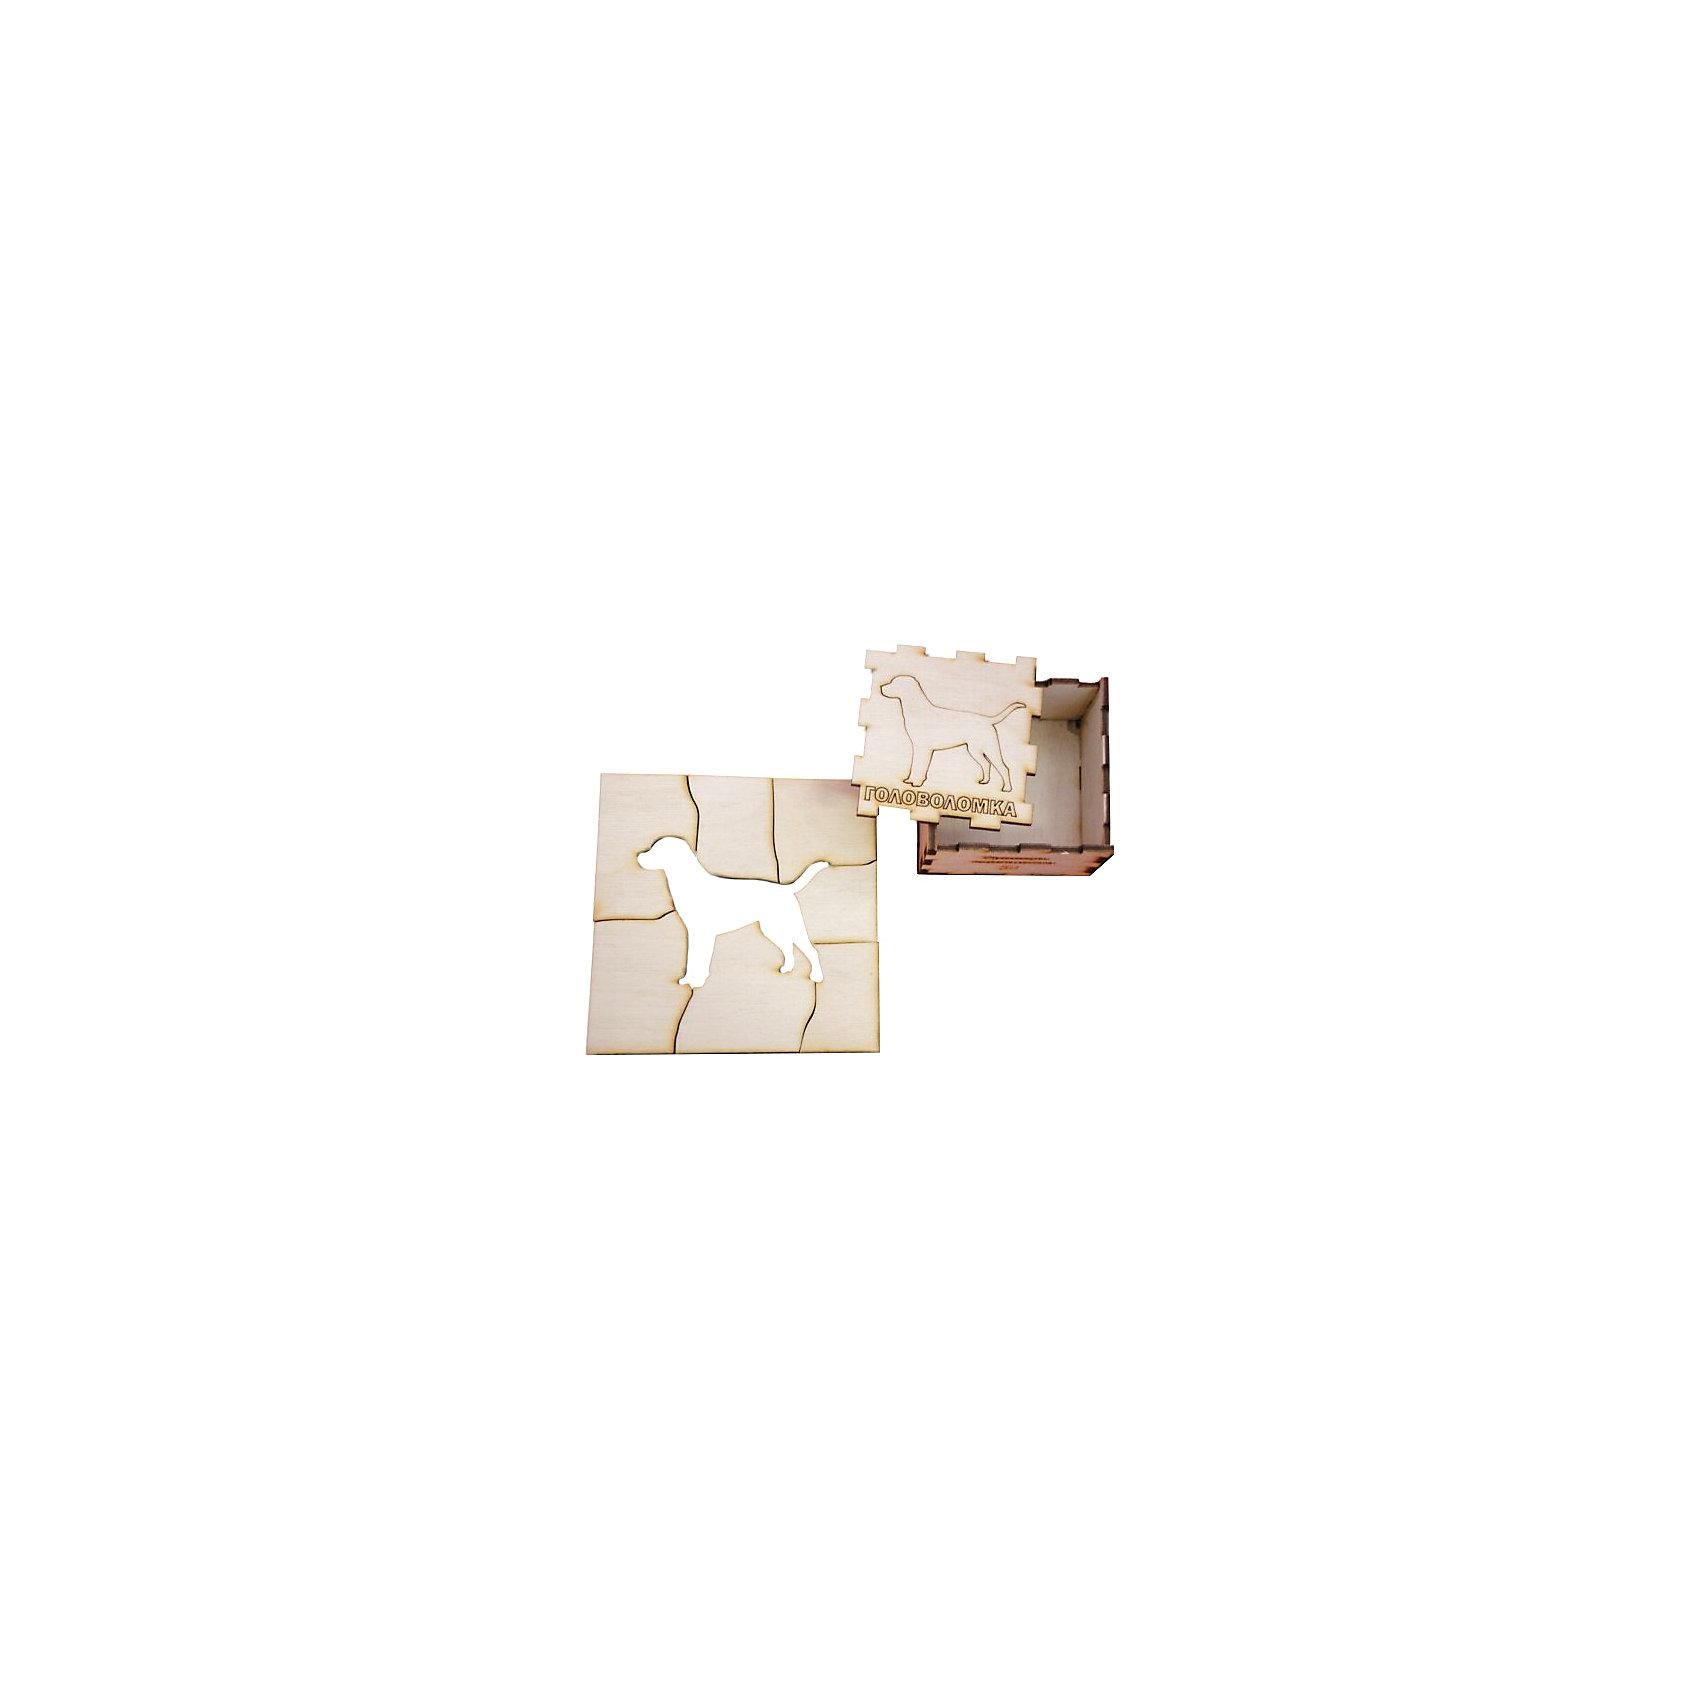 Головоломка Собака, ПолноцветДеревянные головоломки<br>Характеристики:<br><br>• возраст: от 5 лет;<br>• уровень сложности: 3;<br>• материал: фанера березовая шлифованная ФК, 3 мм;<br>• размер упаковки: 6х6х3 см;<br>• вес упаковки: 60 г;<br>• тип упаковки: деревянная коробка.<br><br>Головоломка - это прекрасный инструмент для ума, вырабатывающий неординарное видение. Головоломку можно раскрасить красками, карандашами или фломастерами. Деревянная коробка с крышкой вмещает детали головоломки. Чтобы решить головоломку, нужно собрать квадрат с выемкой в виде собаки.<br><br>Развивающие занятия стимулируют логику, пространственное мышление и тренируют мелкую моторику.<br><br>Головоломку «Собака», Полноцвет можно приобрести в нашем интернет-магазине.<br><br>Ширина мм: 30<br>Глубина мм: 60<br>Высота мм: 60<br>Вес г: 60<br>Возраст от месяцев: 36<br>Возраст до месяцев: 2147483647<br>Пол: Унисекс<br>Возраст: Детский<br>SKU: 7025954